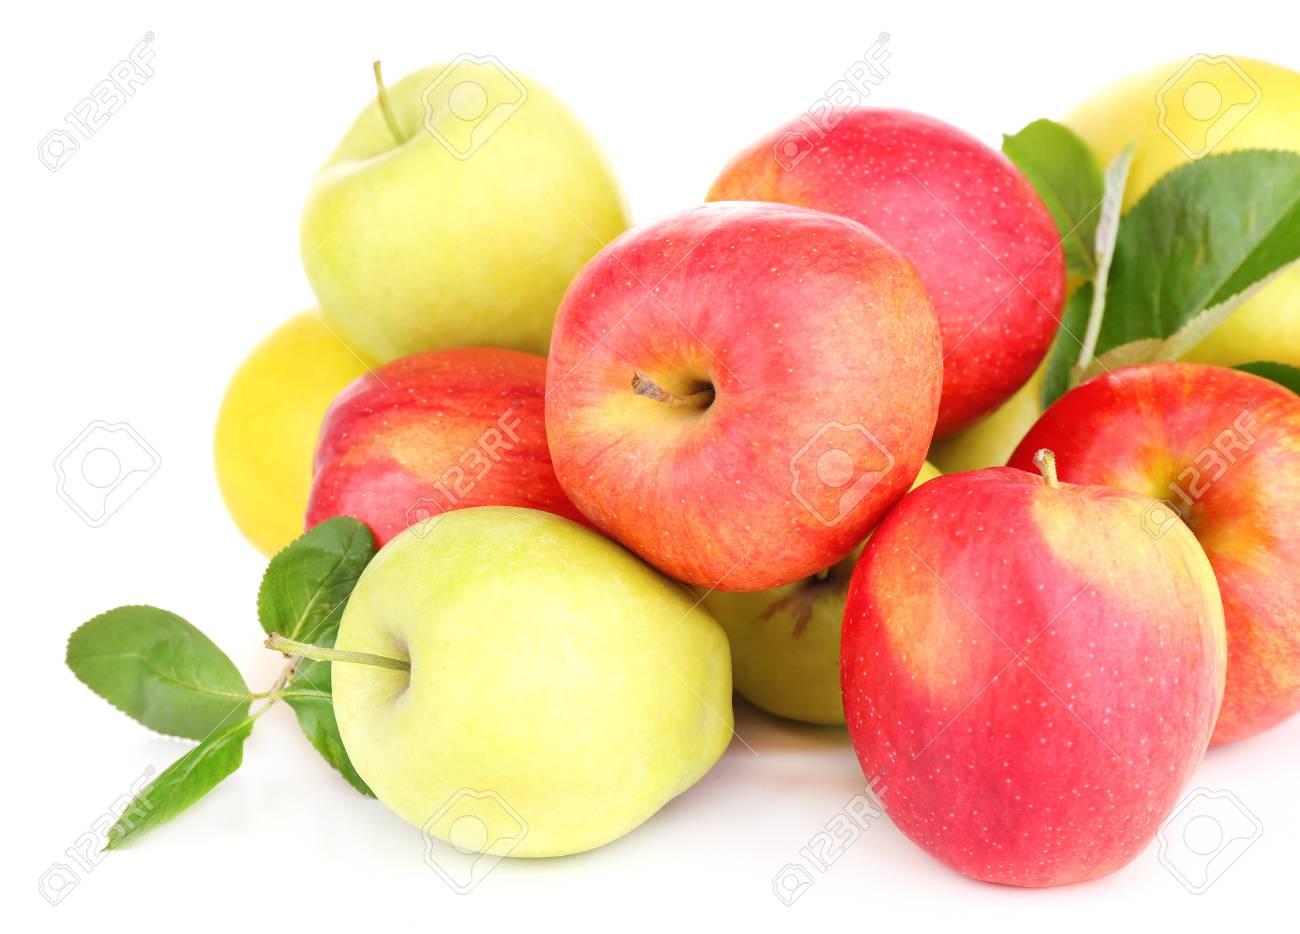 あまい りんご